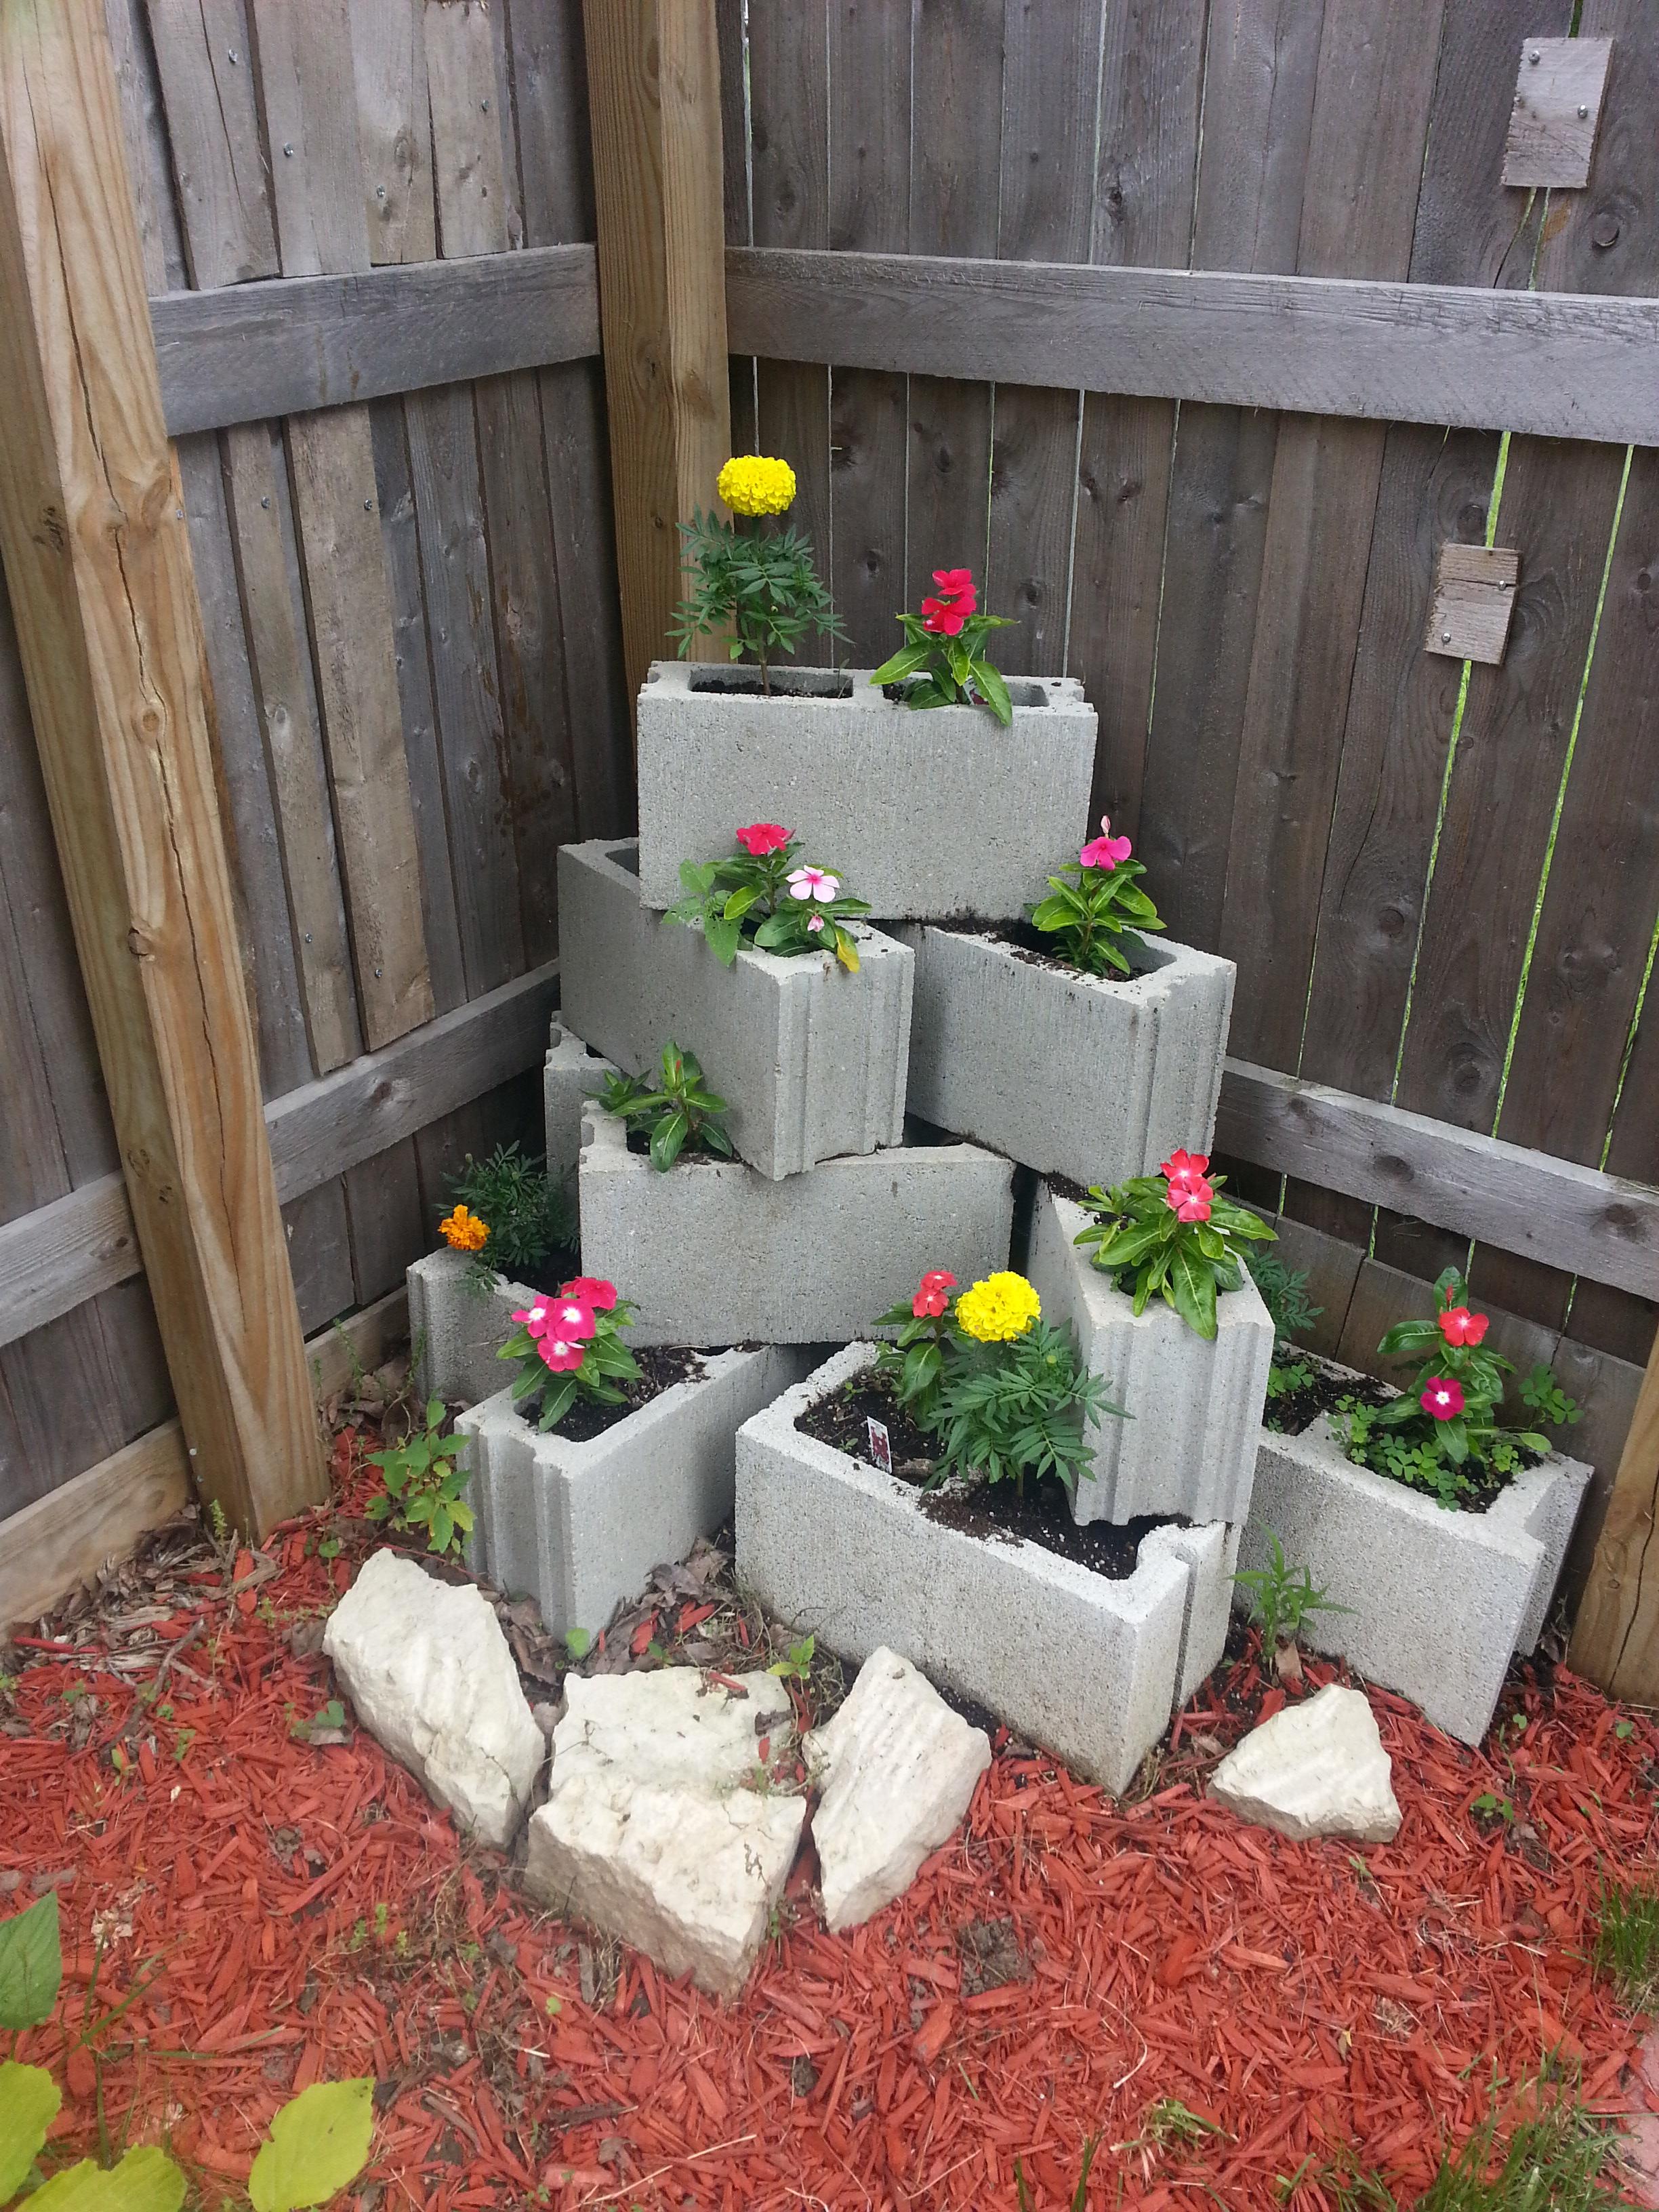 Flowers - Marigolds and Vincas